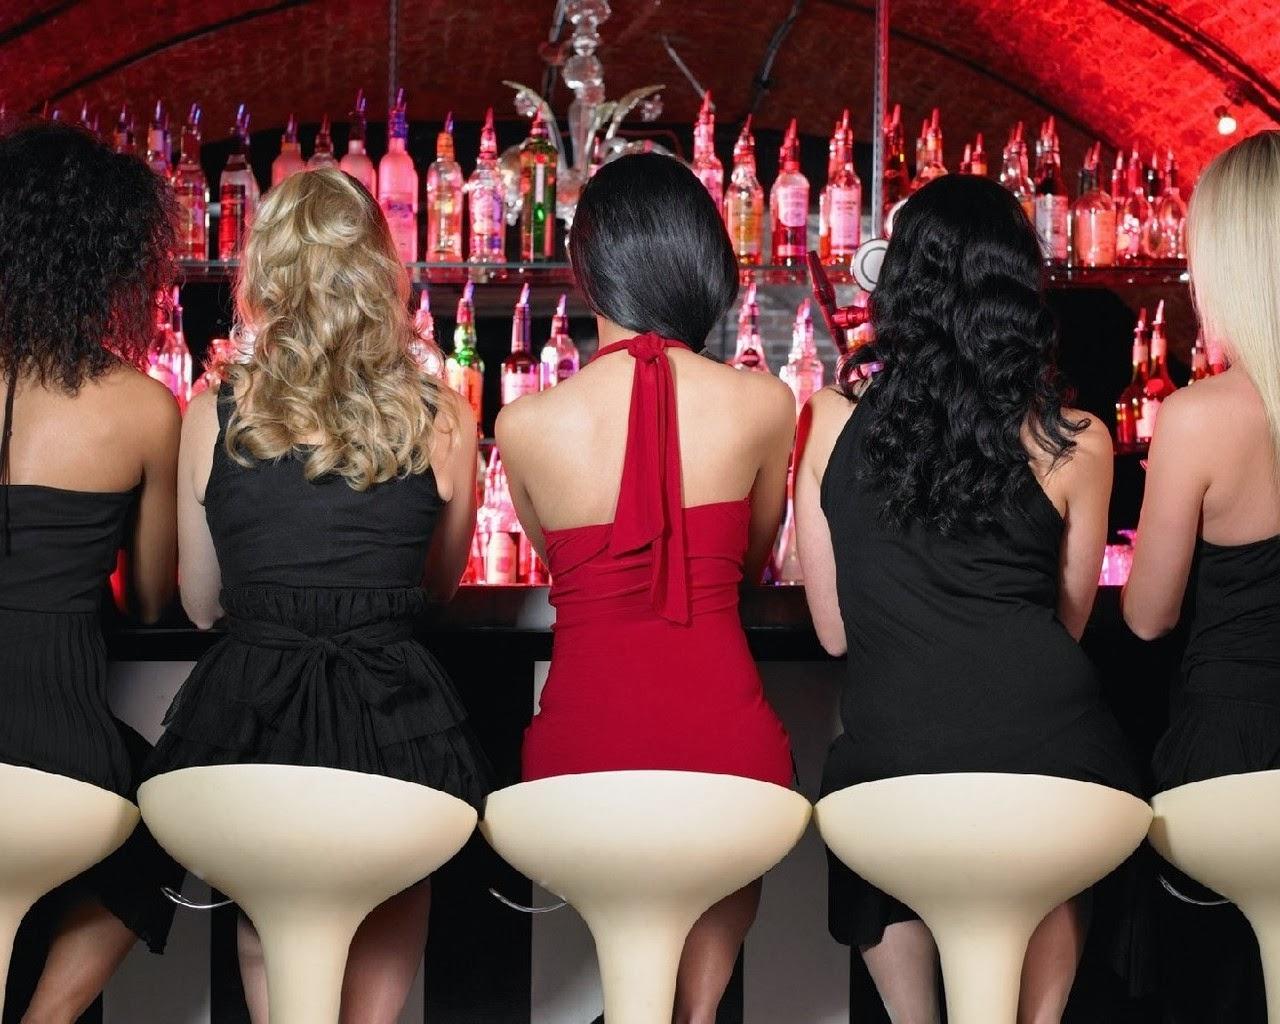 Фото девушек одетых в компании